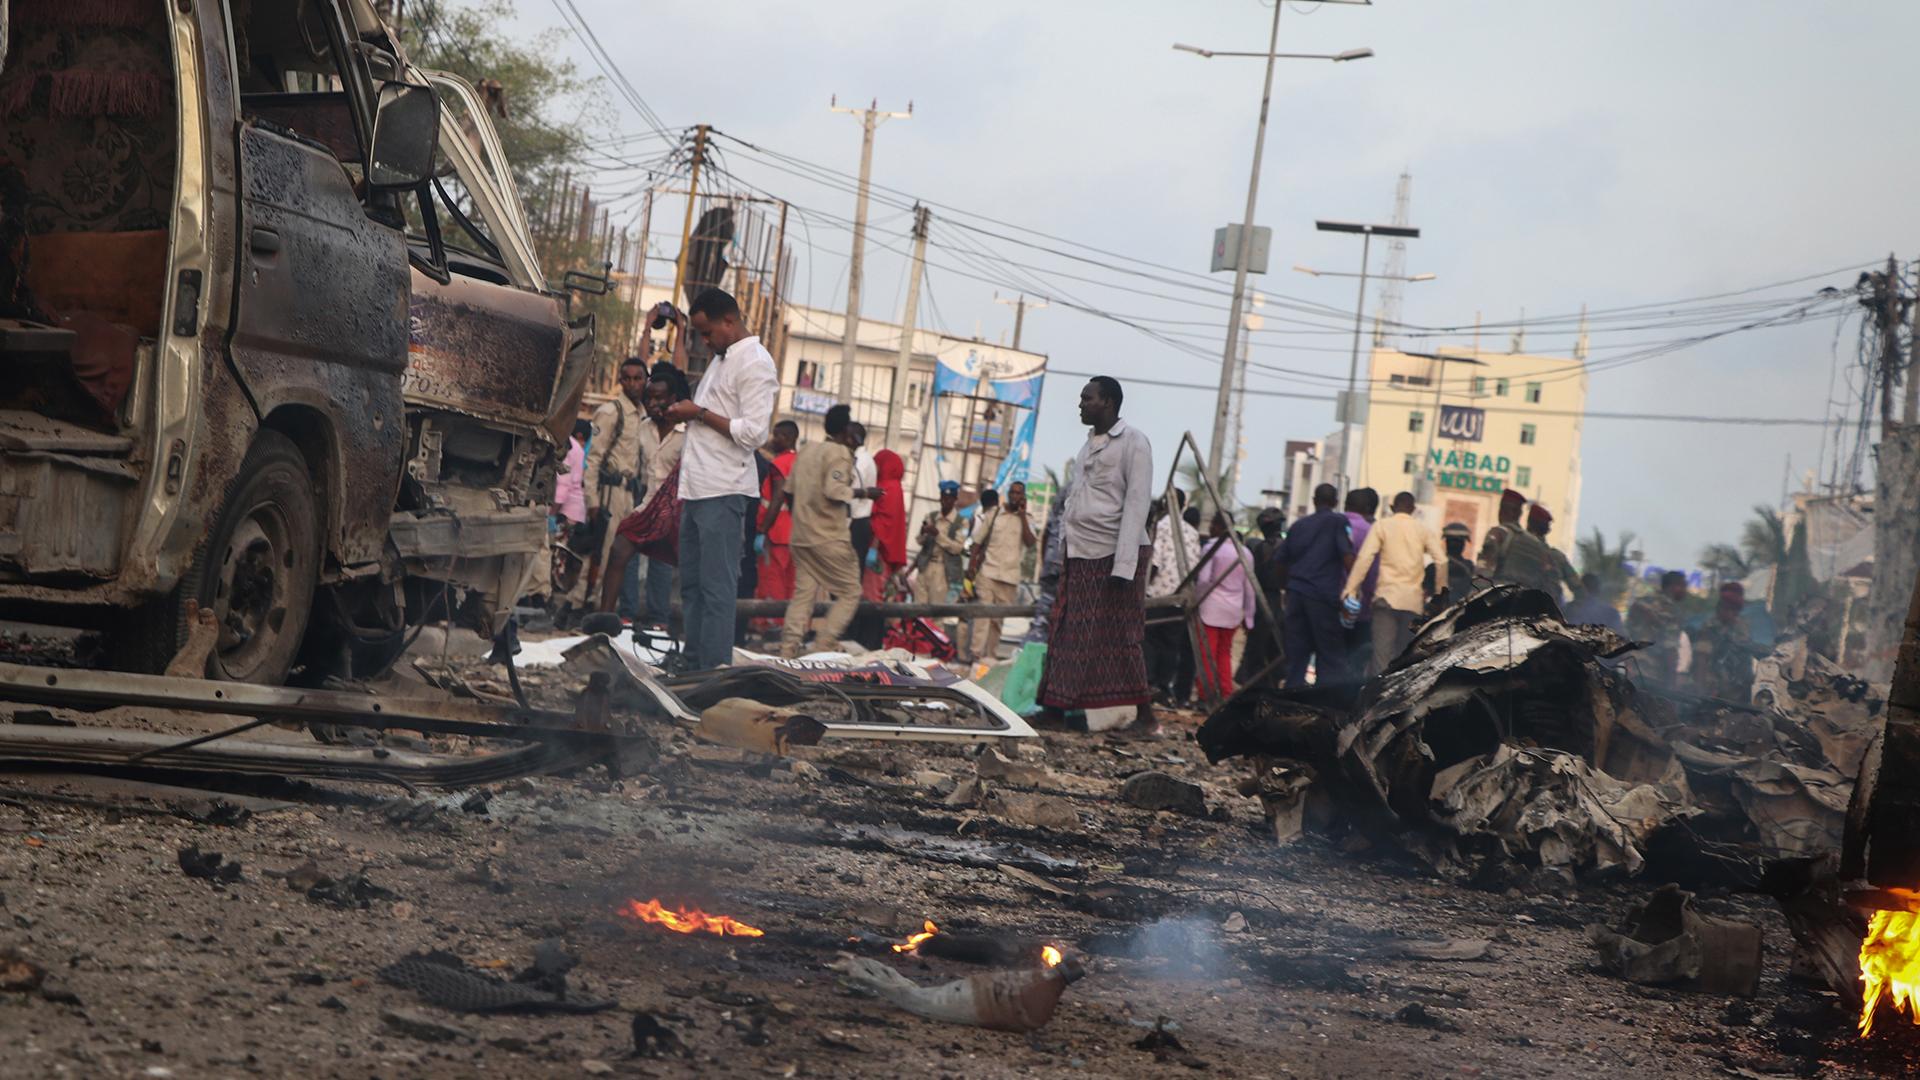 Al menos 20 personas murieron y 40 resultaron heridas en un atentado en Somalia (AFP)